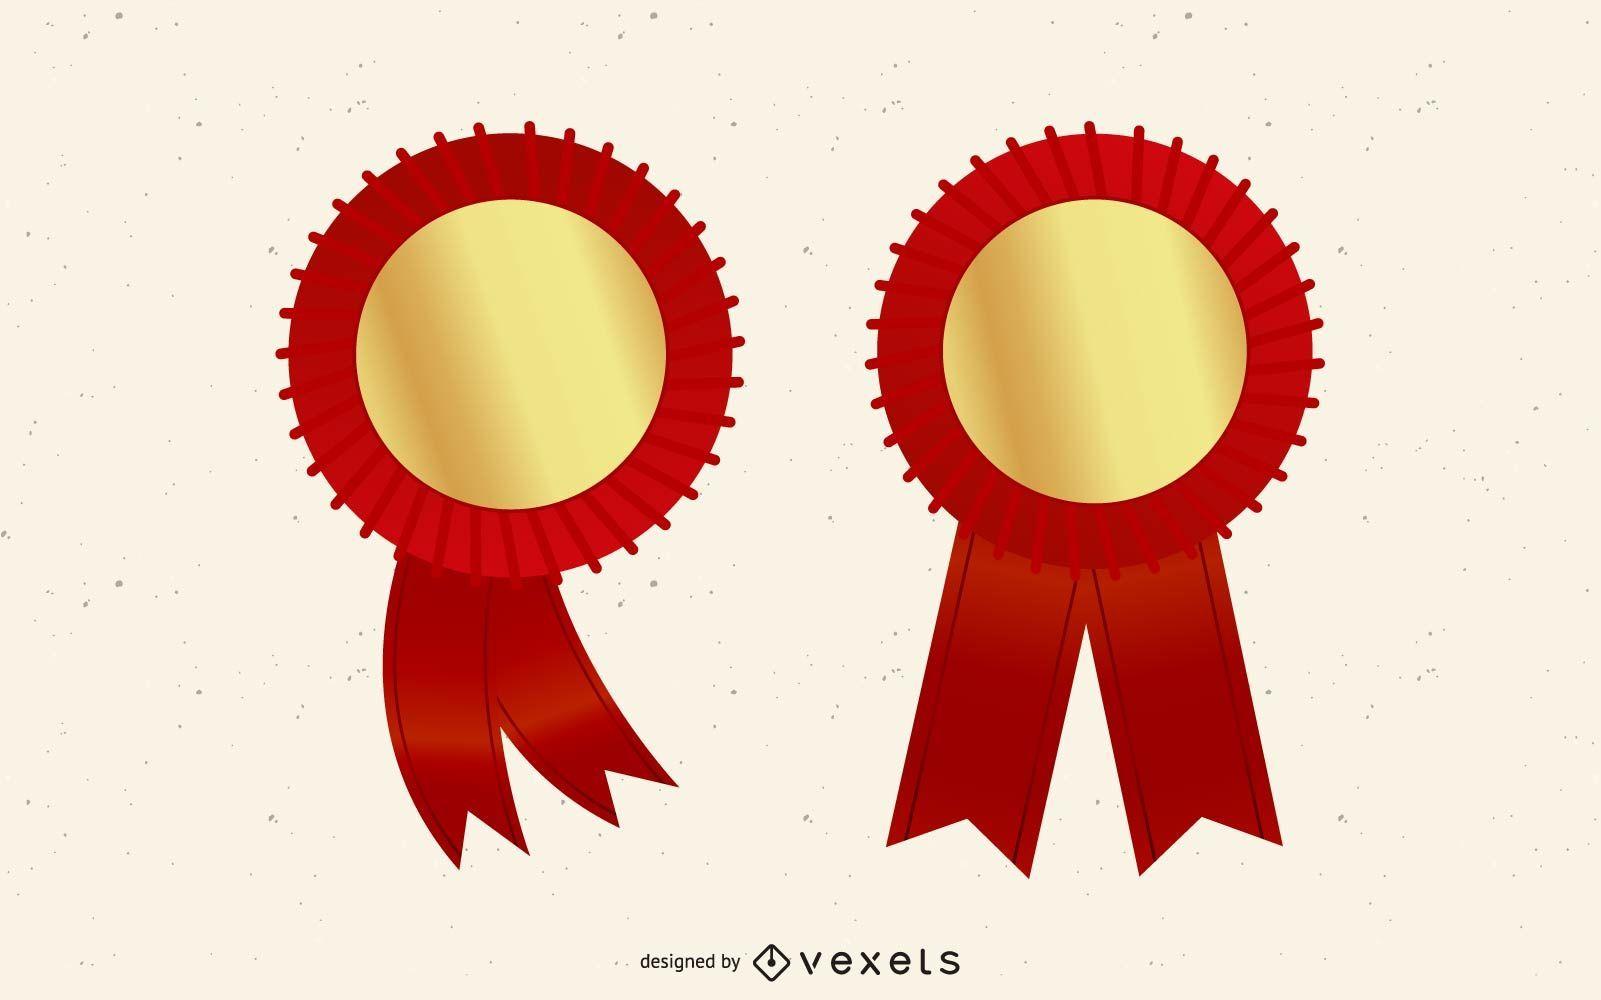 Rosette Awards